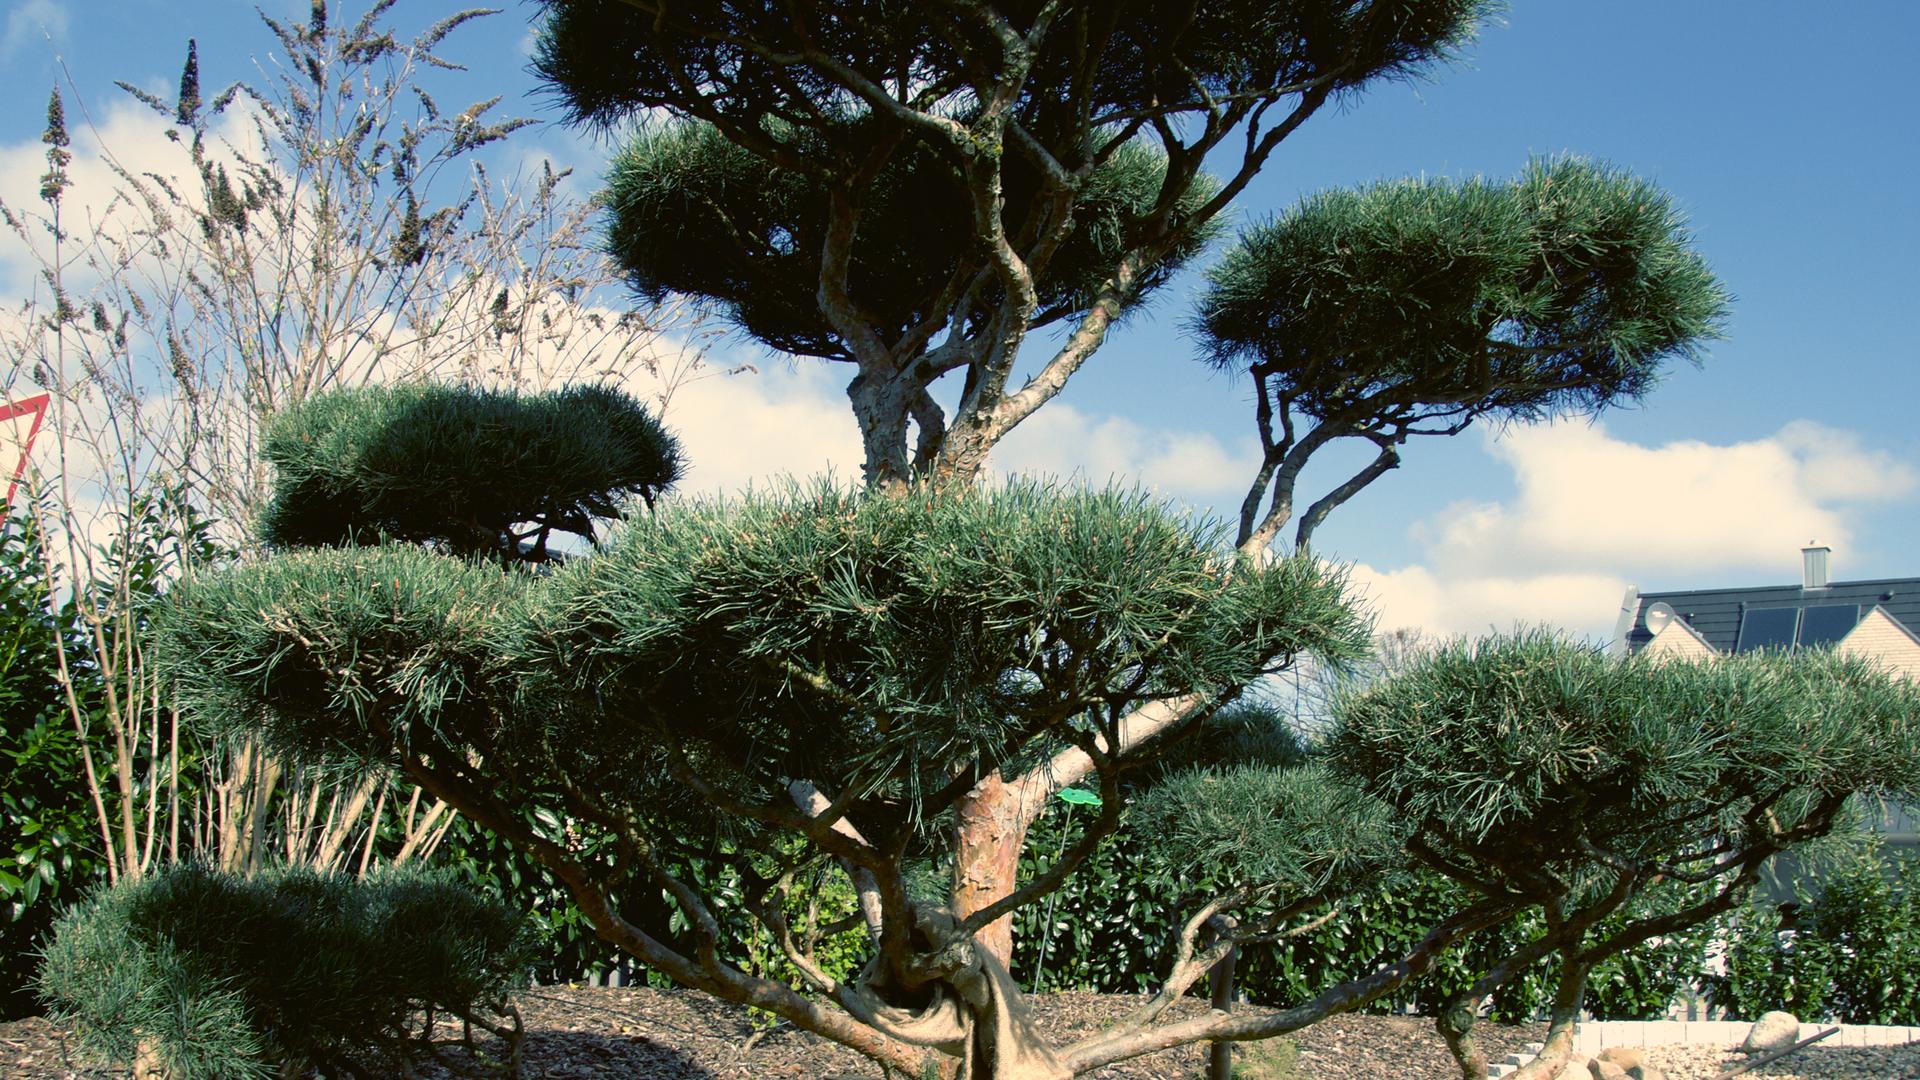 Sider_Baumpflanzung_2